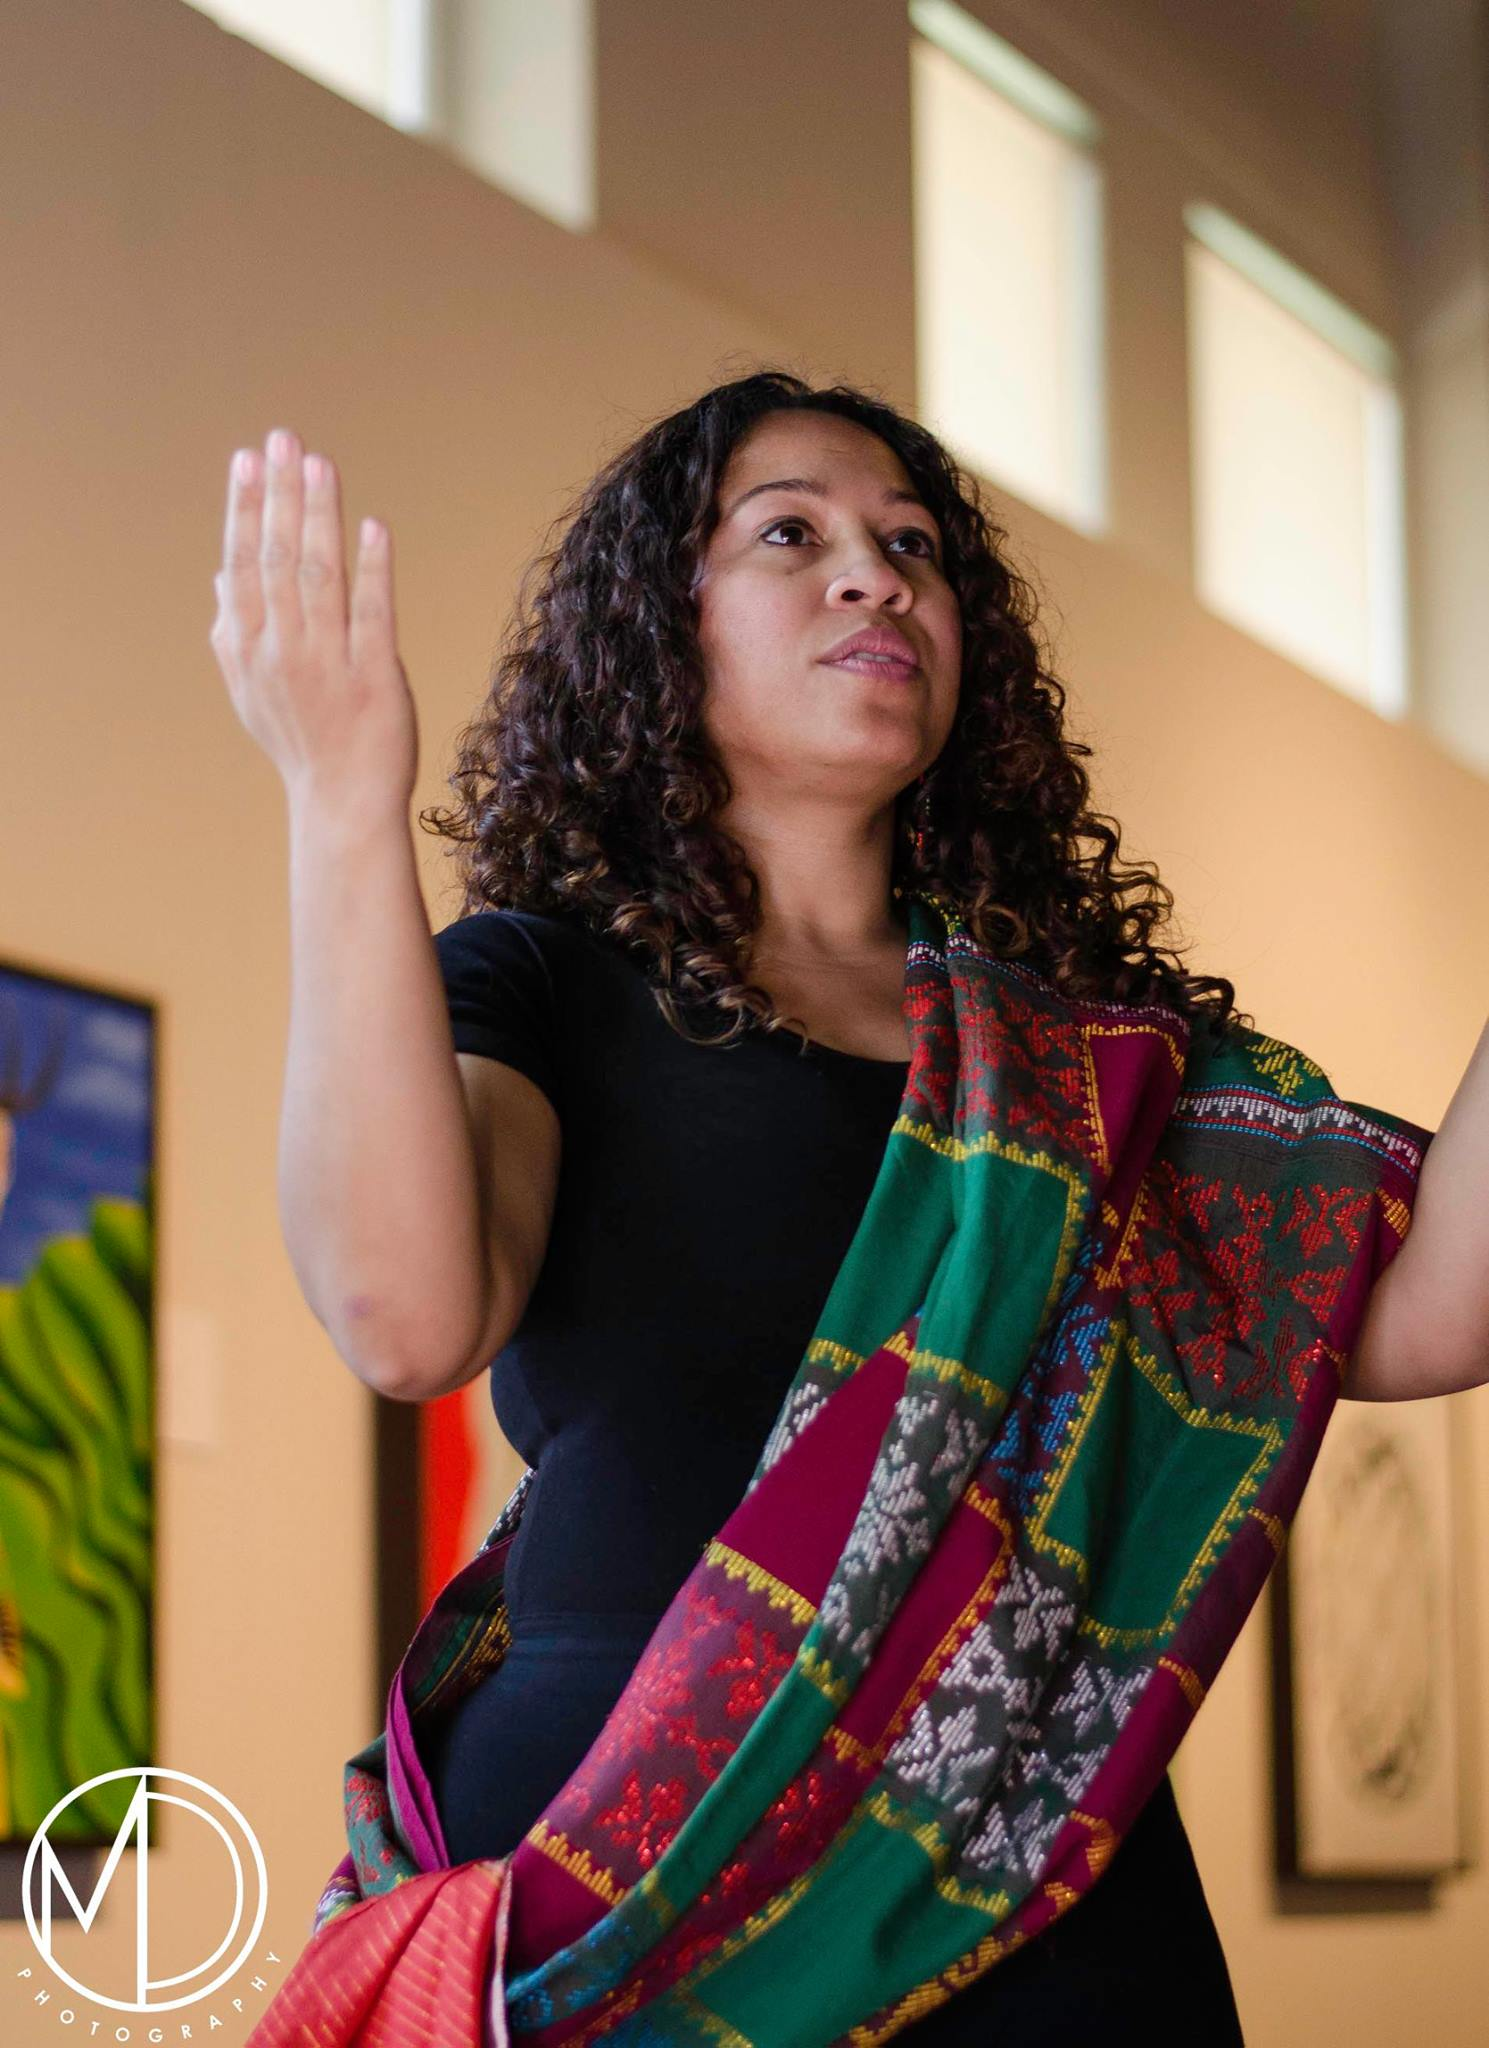 Co-host Jennifer Ligaya Senecal performing during the ceremony.